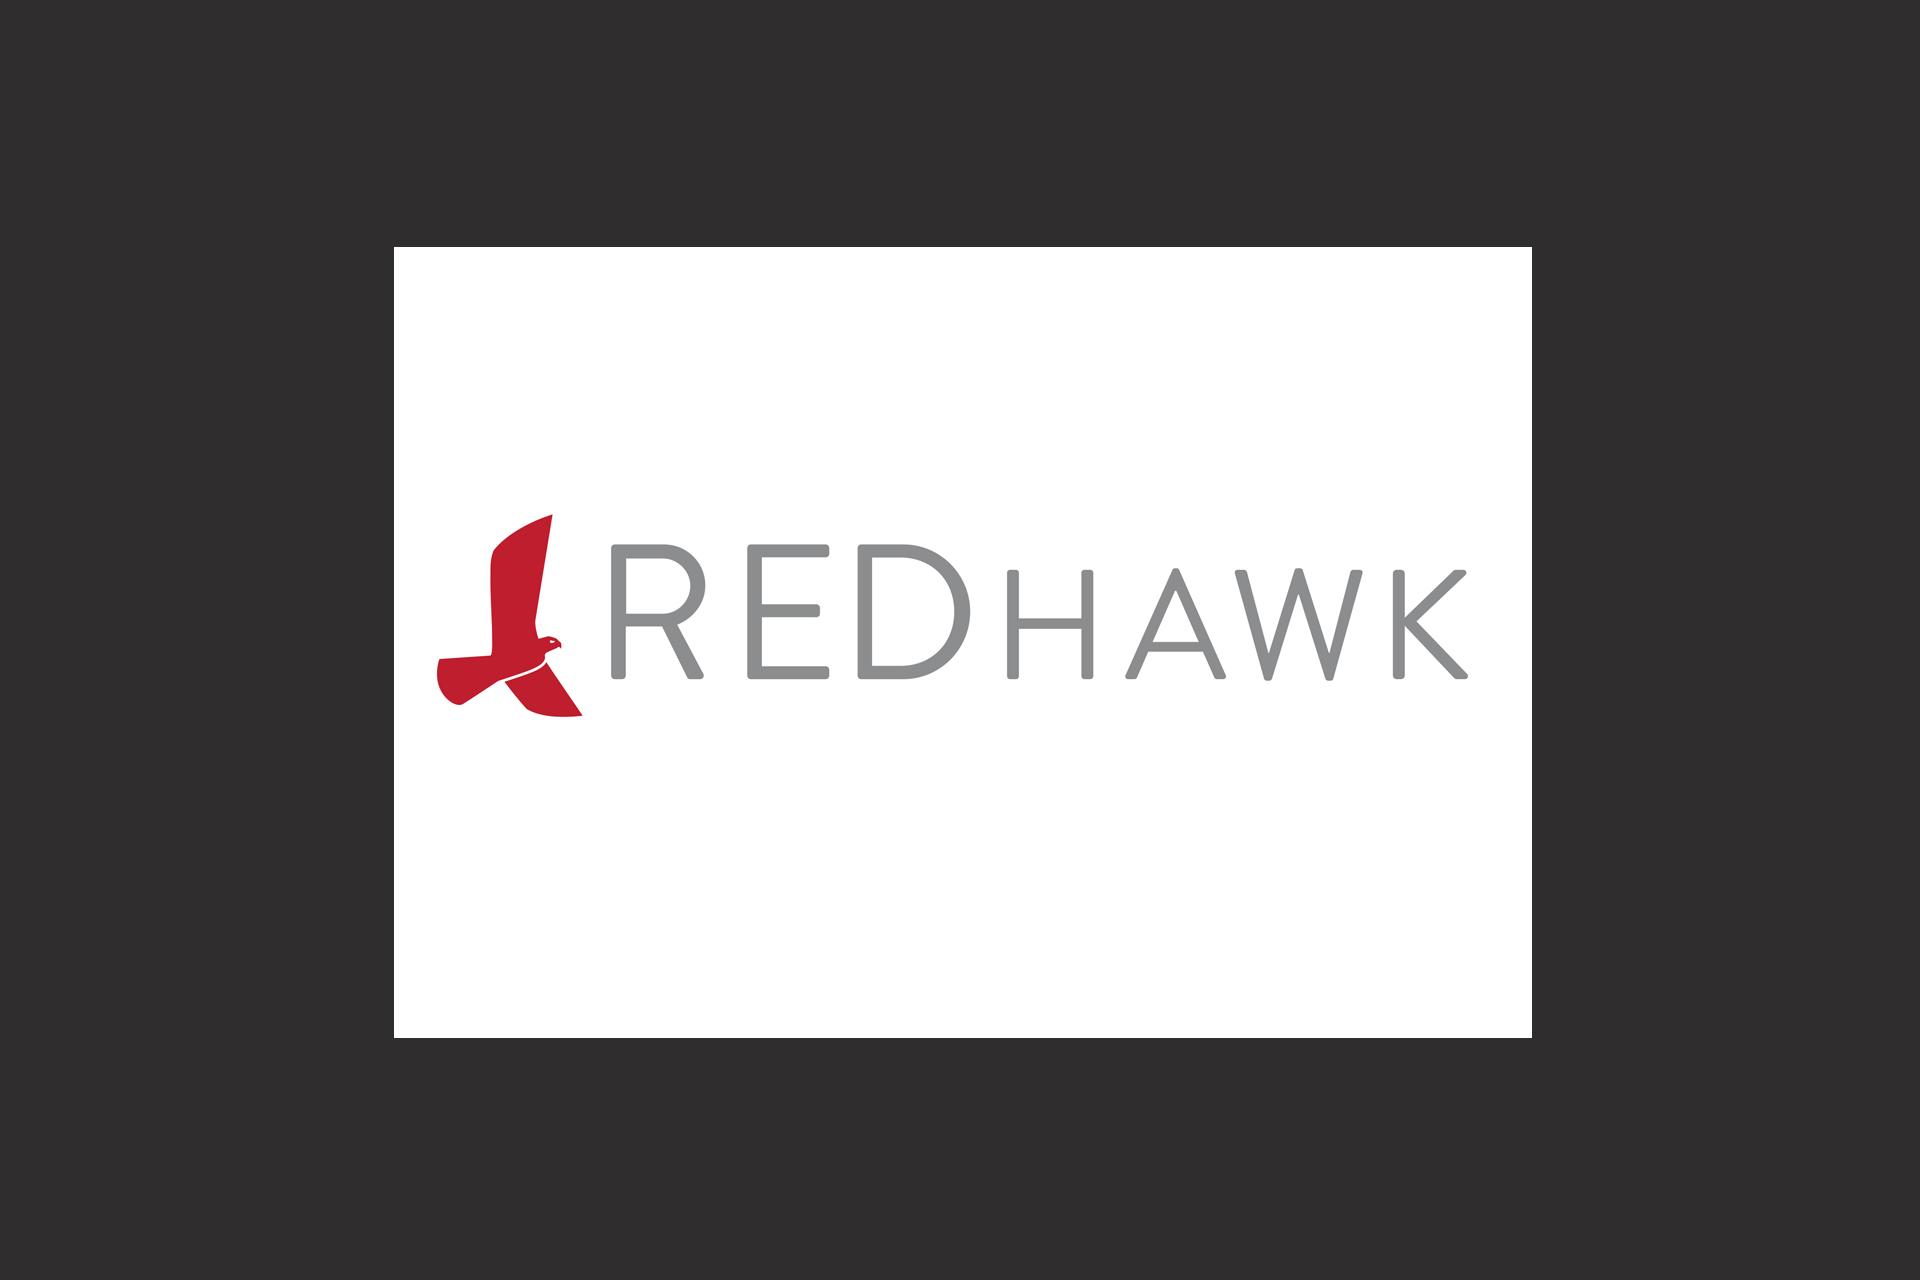 RedHawk logo